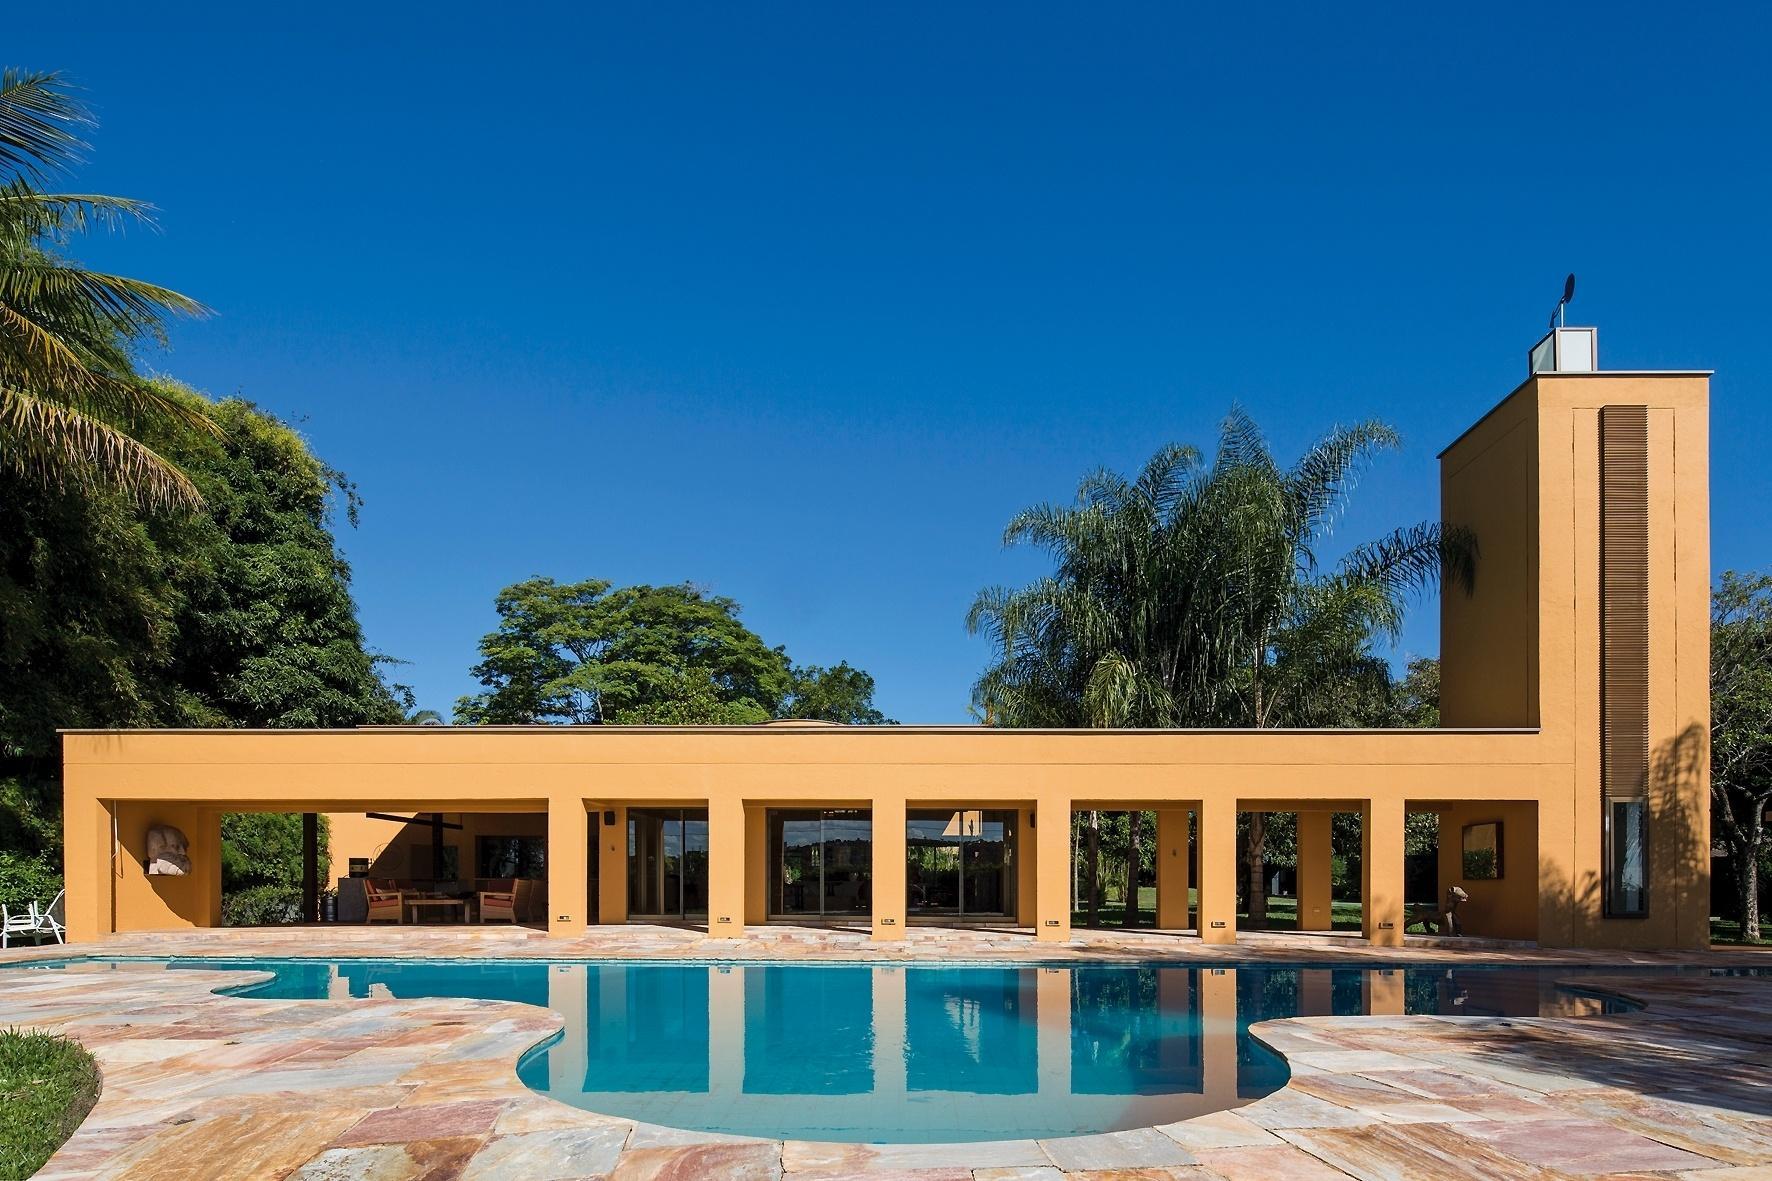 O pórtico de entrada forma um corredor com 12 pilares (seis de cada lado) e desemboca na varanda da casa Várzea, projetada pelo arquiteto Gustavo Penna. À frente da estrutura está a piscina com desenho inusitado, inspirado nas curvas e ondulações das montanhas da região